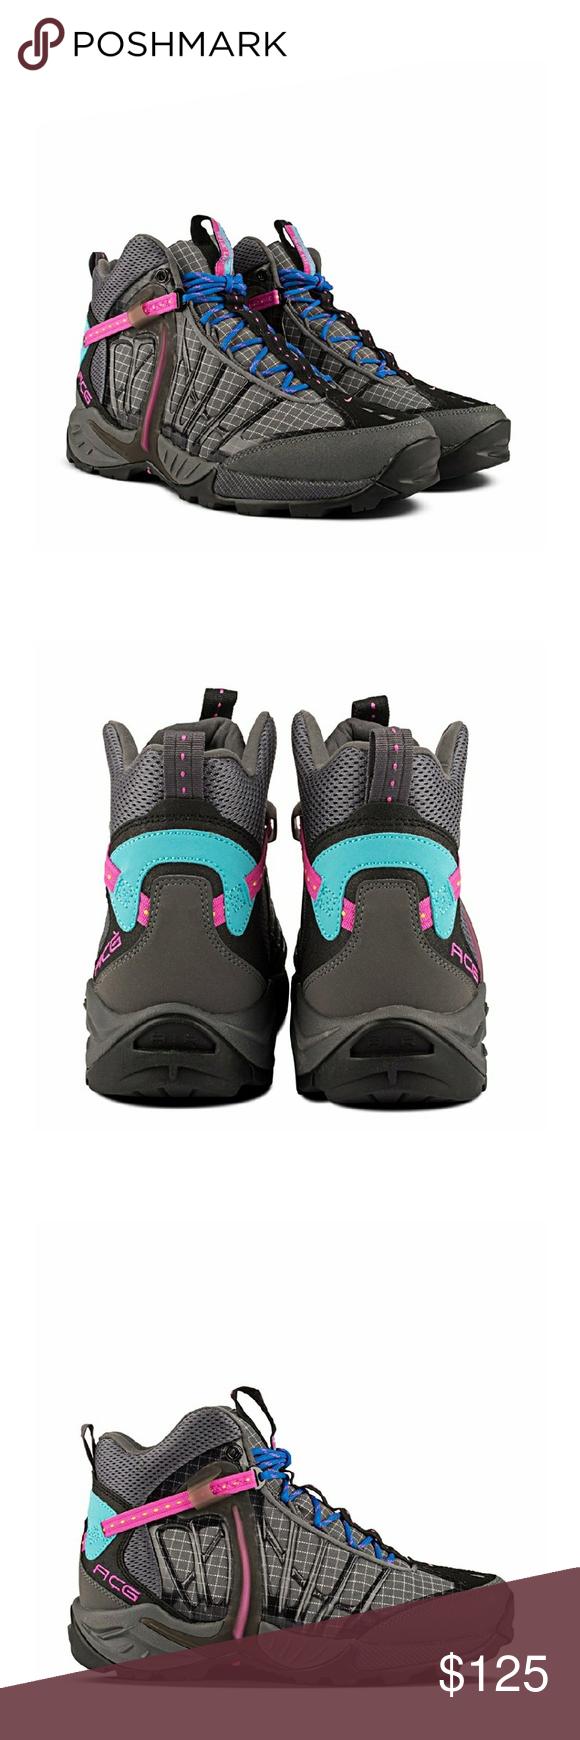 Nike Air Zoom Tallac Lite Hiking Boots